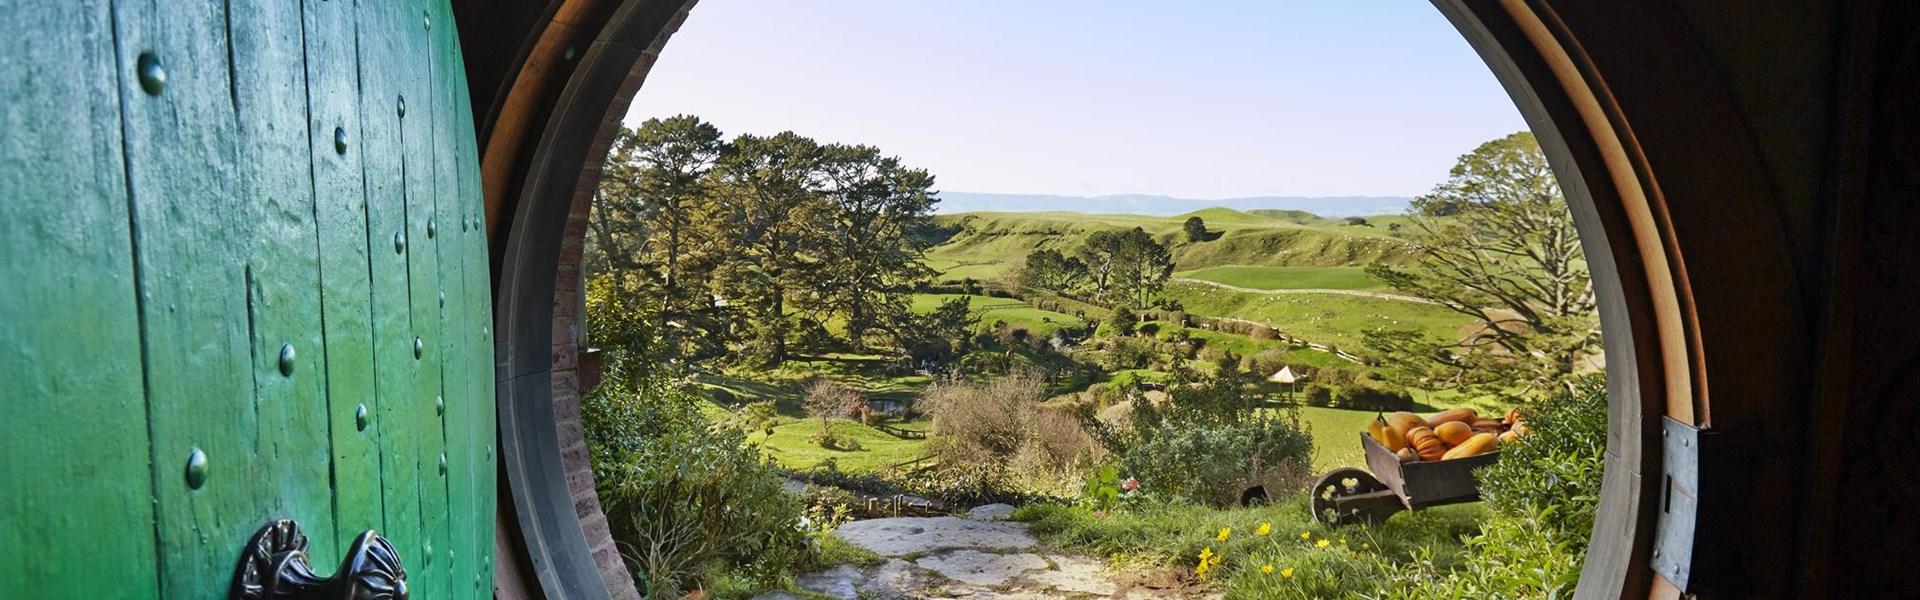 Nový Zéland a Cookovy ostrovy - Fly & Drive & Relax -